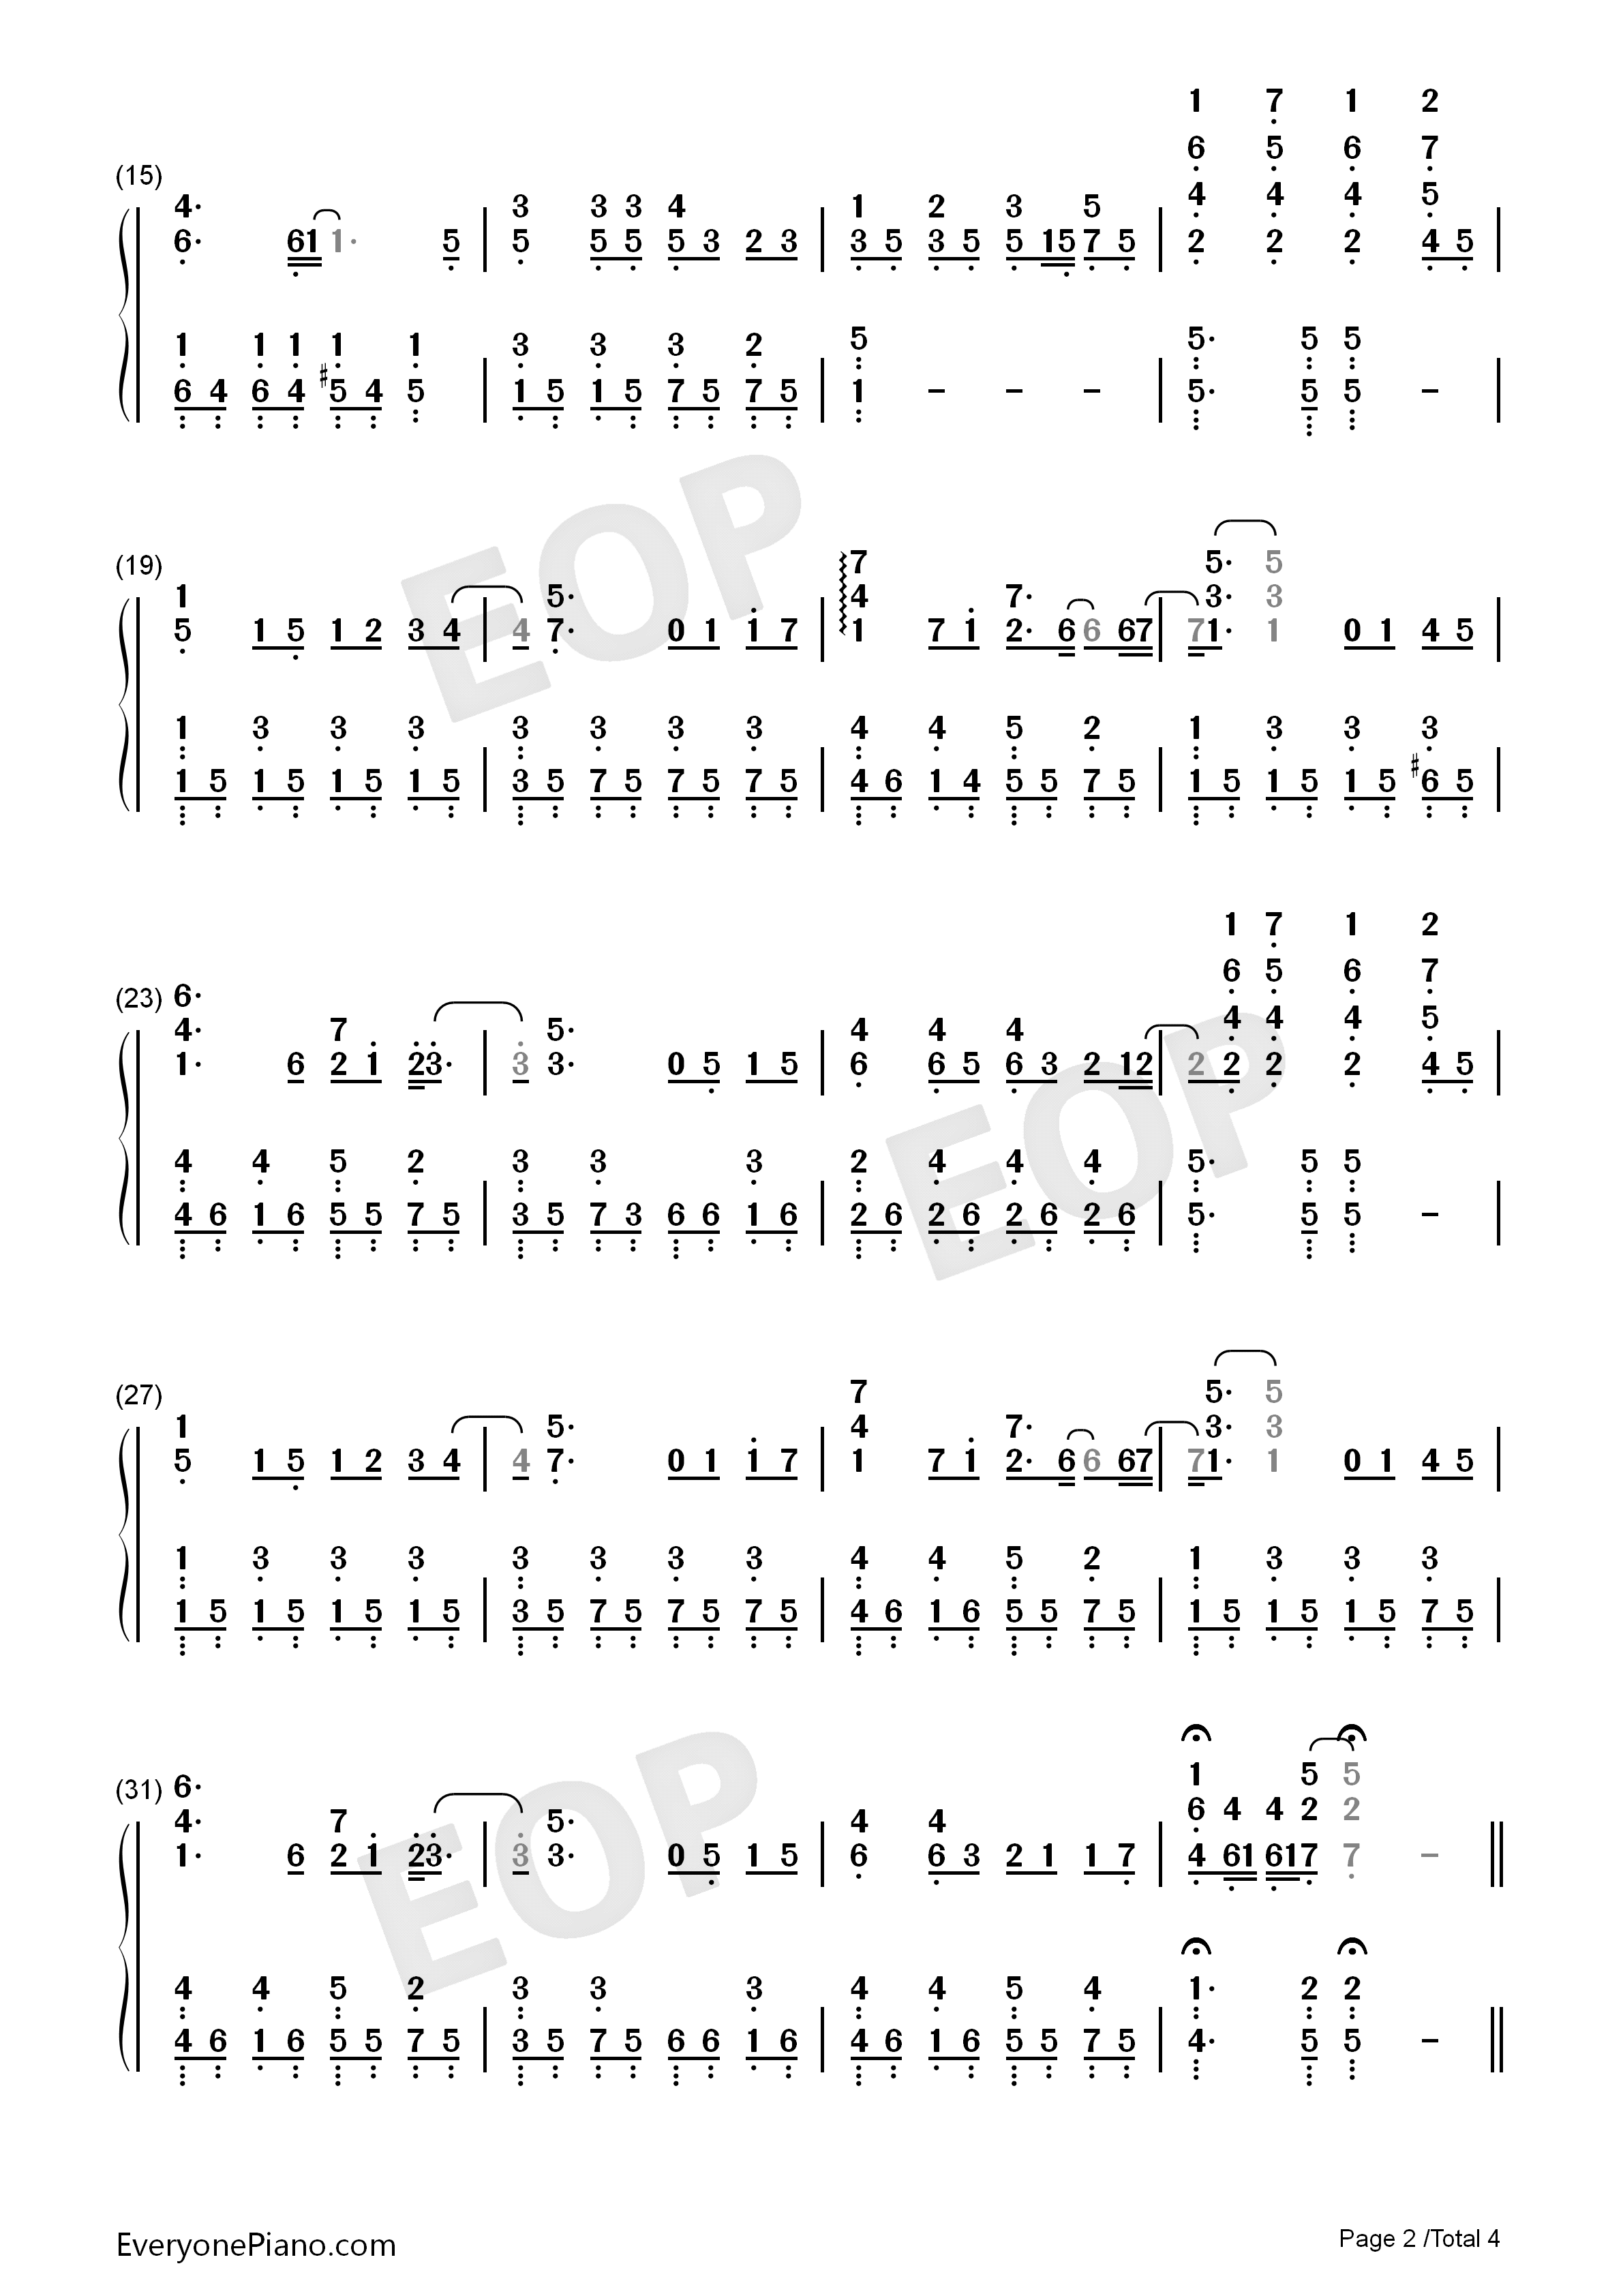 蜗牛-周杰伦双手简谱预览2-钢琴谱(五线谱,双手简谱)图片